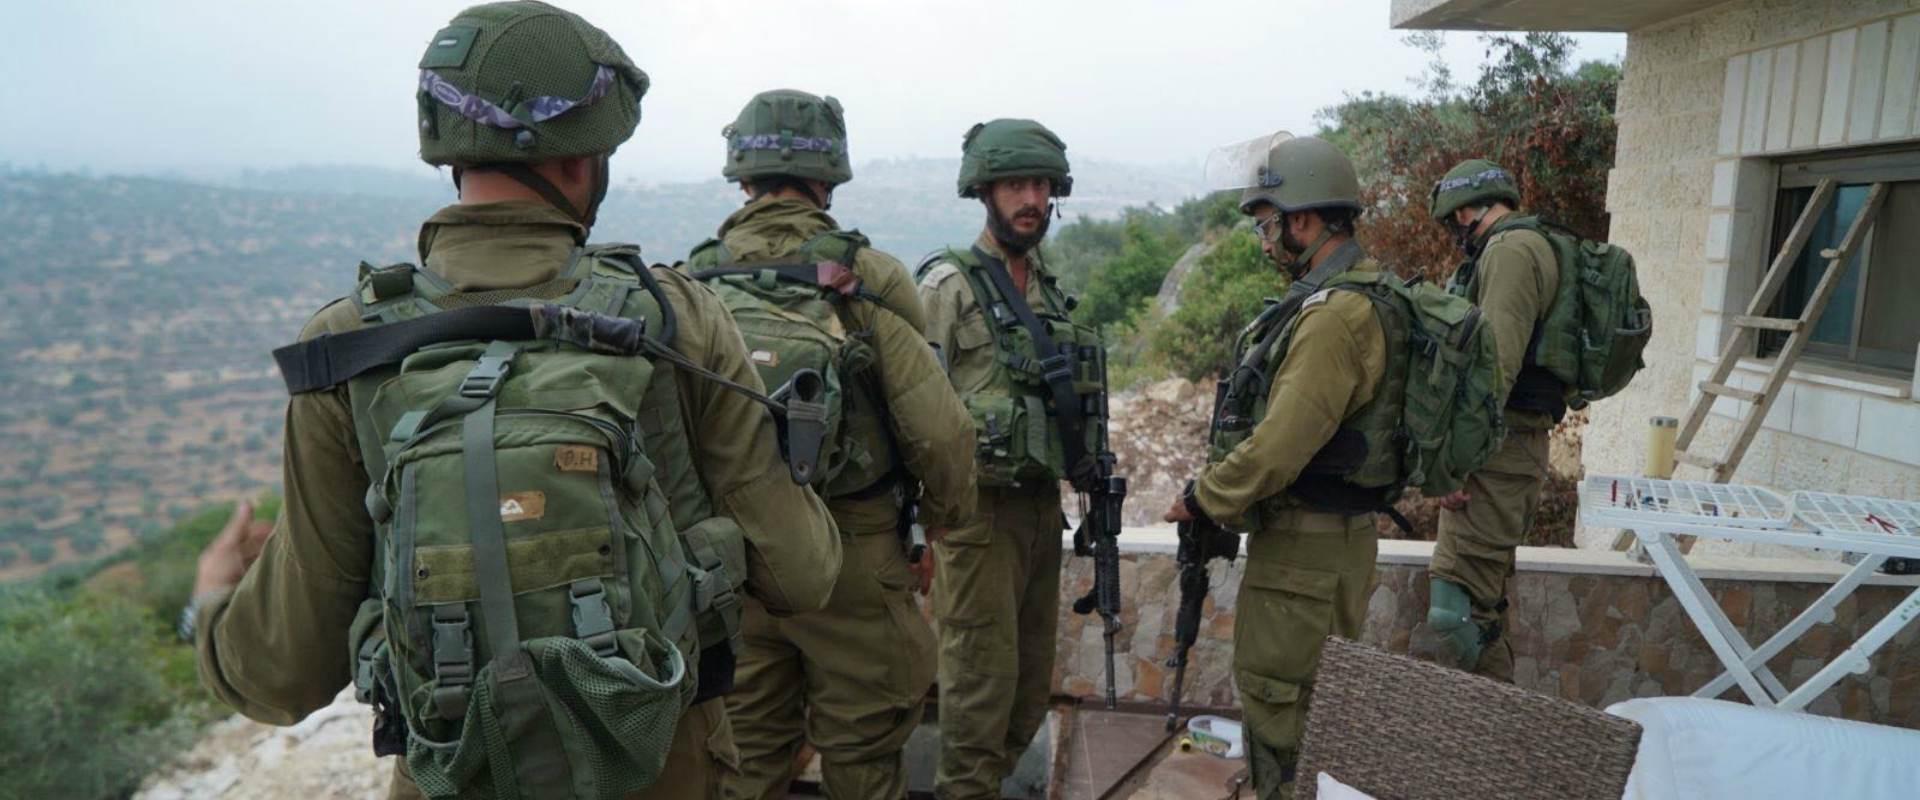 פעילות כוחות הביטחון בכפר כובר, בשבת